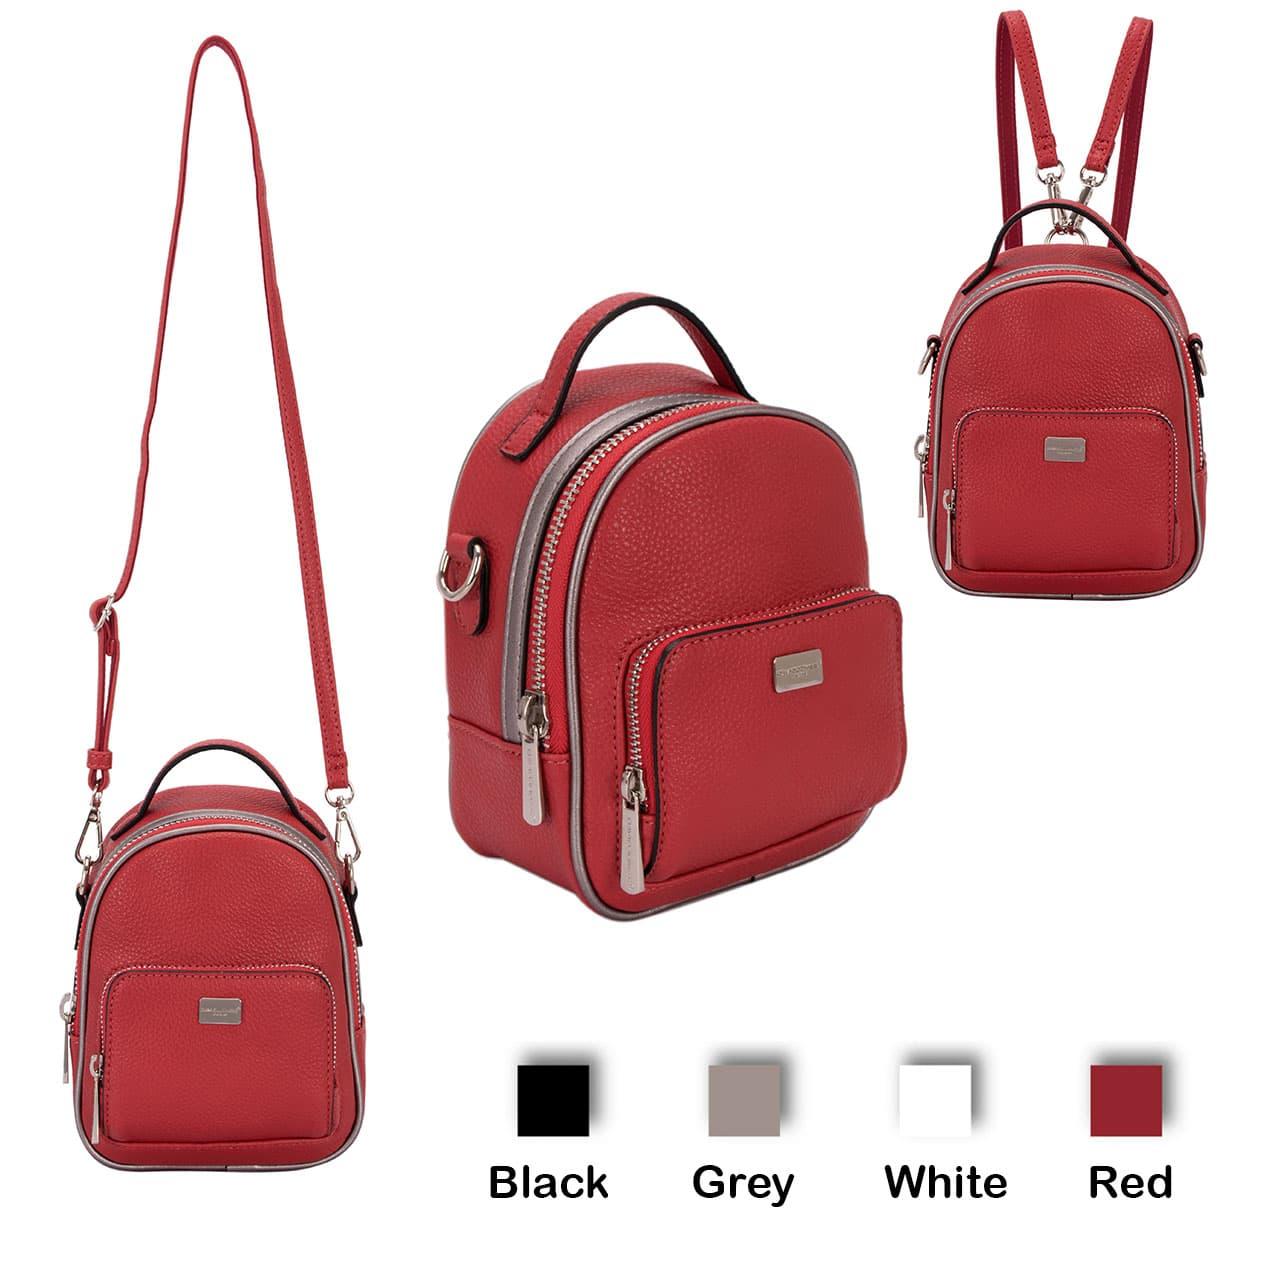 Davidjones Cm3790 Tas Punggung Backpack Ransel Mini Kulit Impor Wanita - Blanja.com